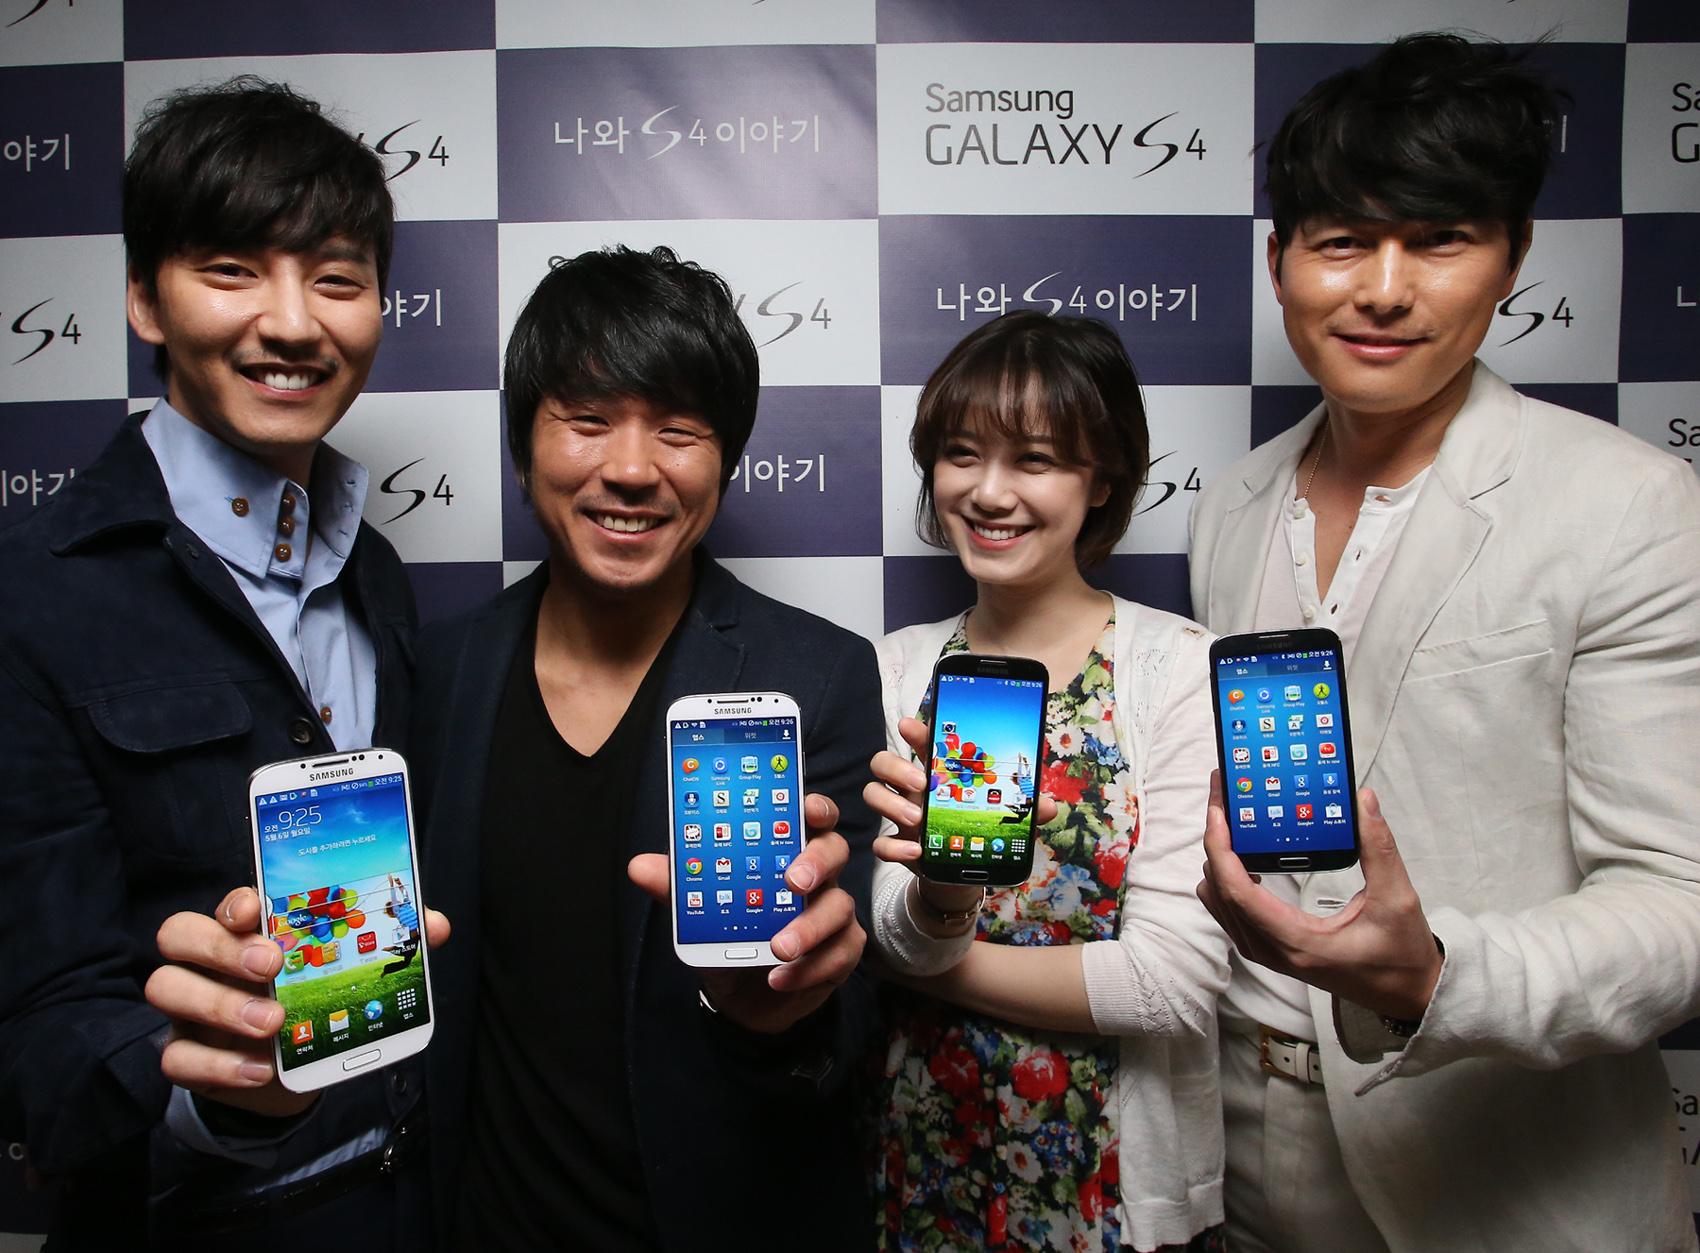 갤럭시S4를 들고 있는 정우성, 김남길, 양익준, 구혜선 감독